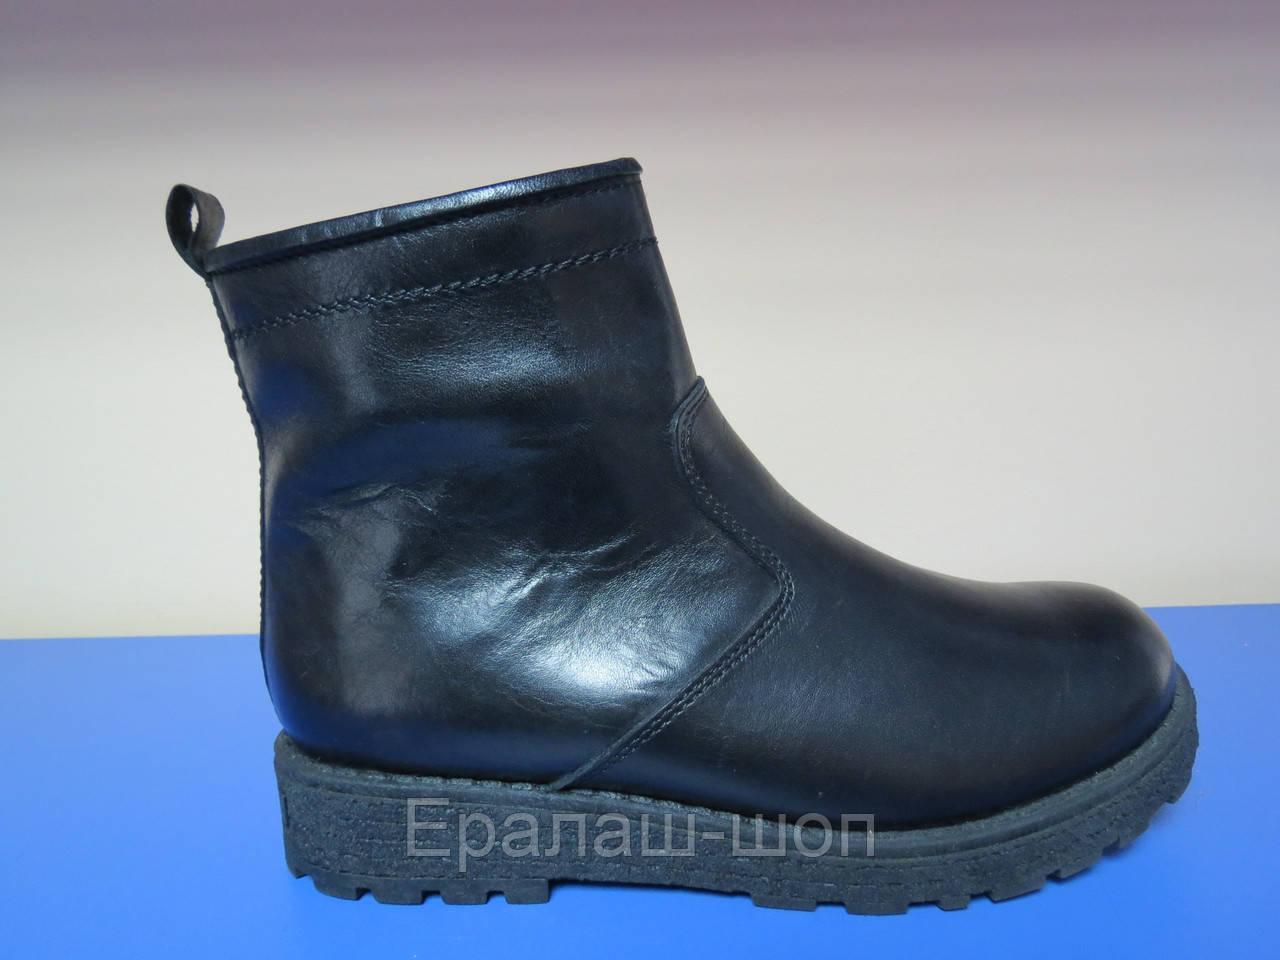 4838c98b9 Распродажа!Зимние кожаные сапоги/ботинки для мальчика 30р (19.5см стелька) -